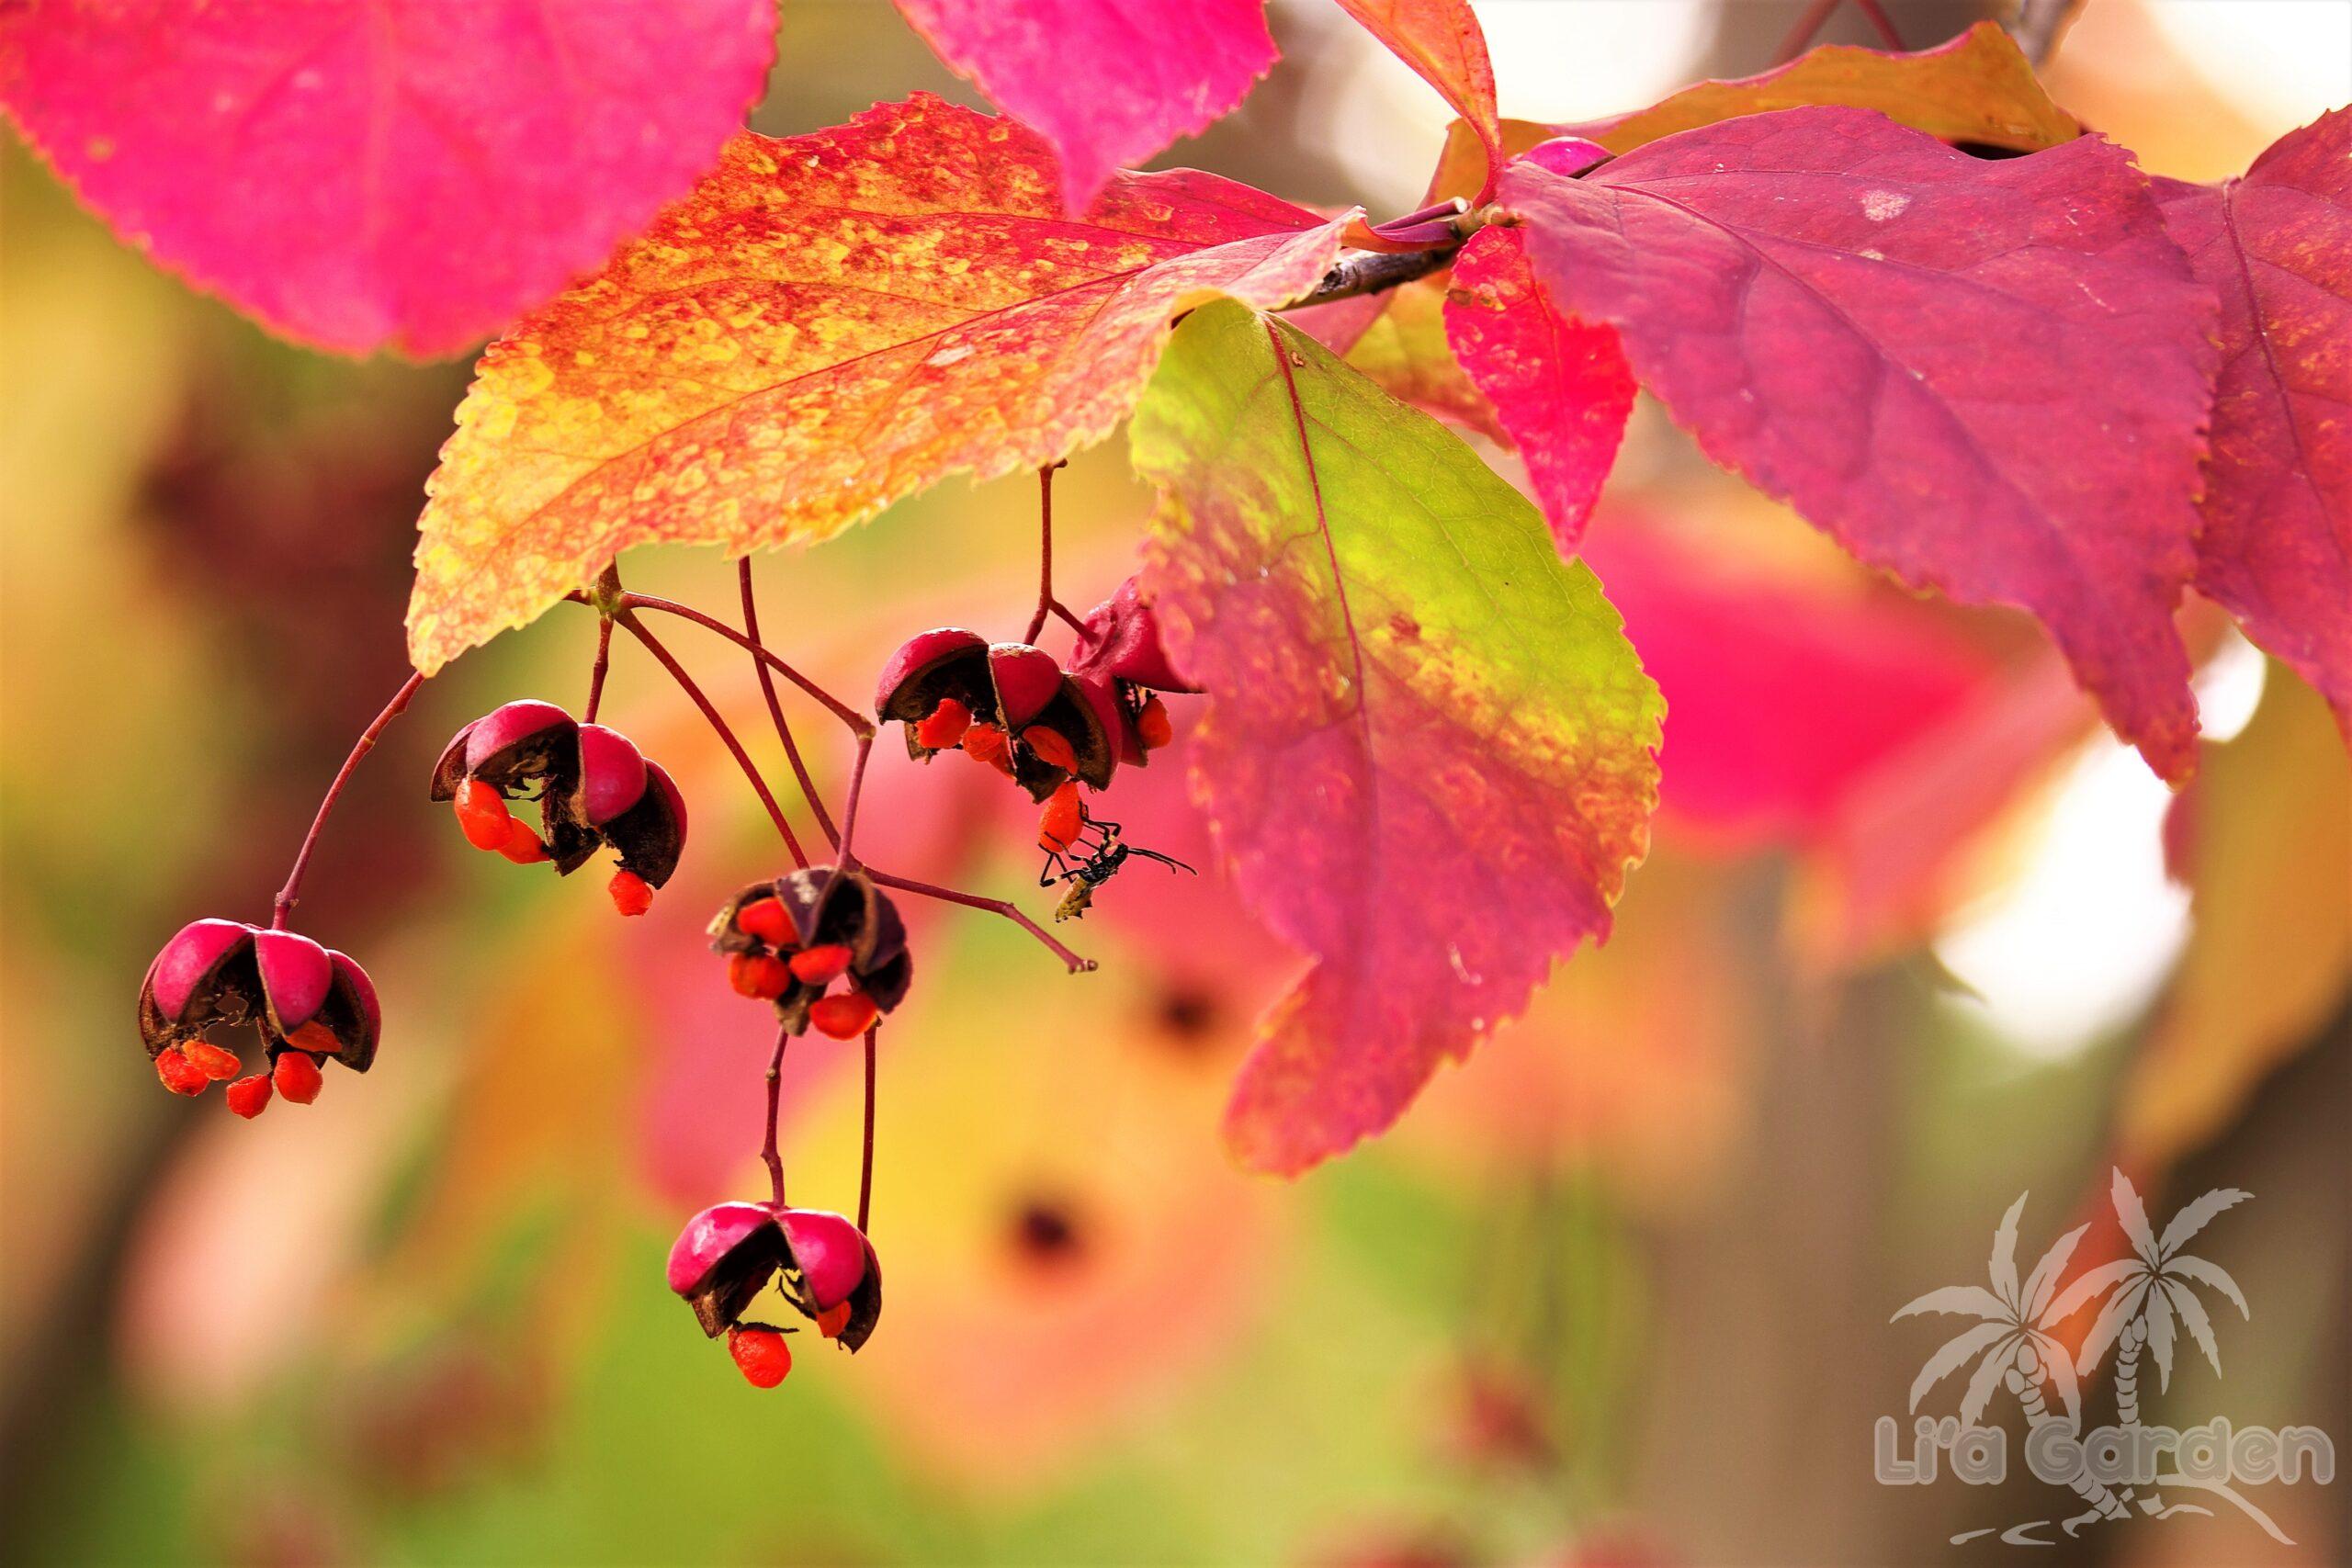 【中木】 ツリバナ Euonymus oxyphyllus 〈落葉広葉樹〉